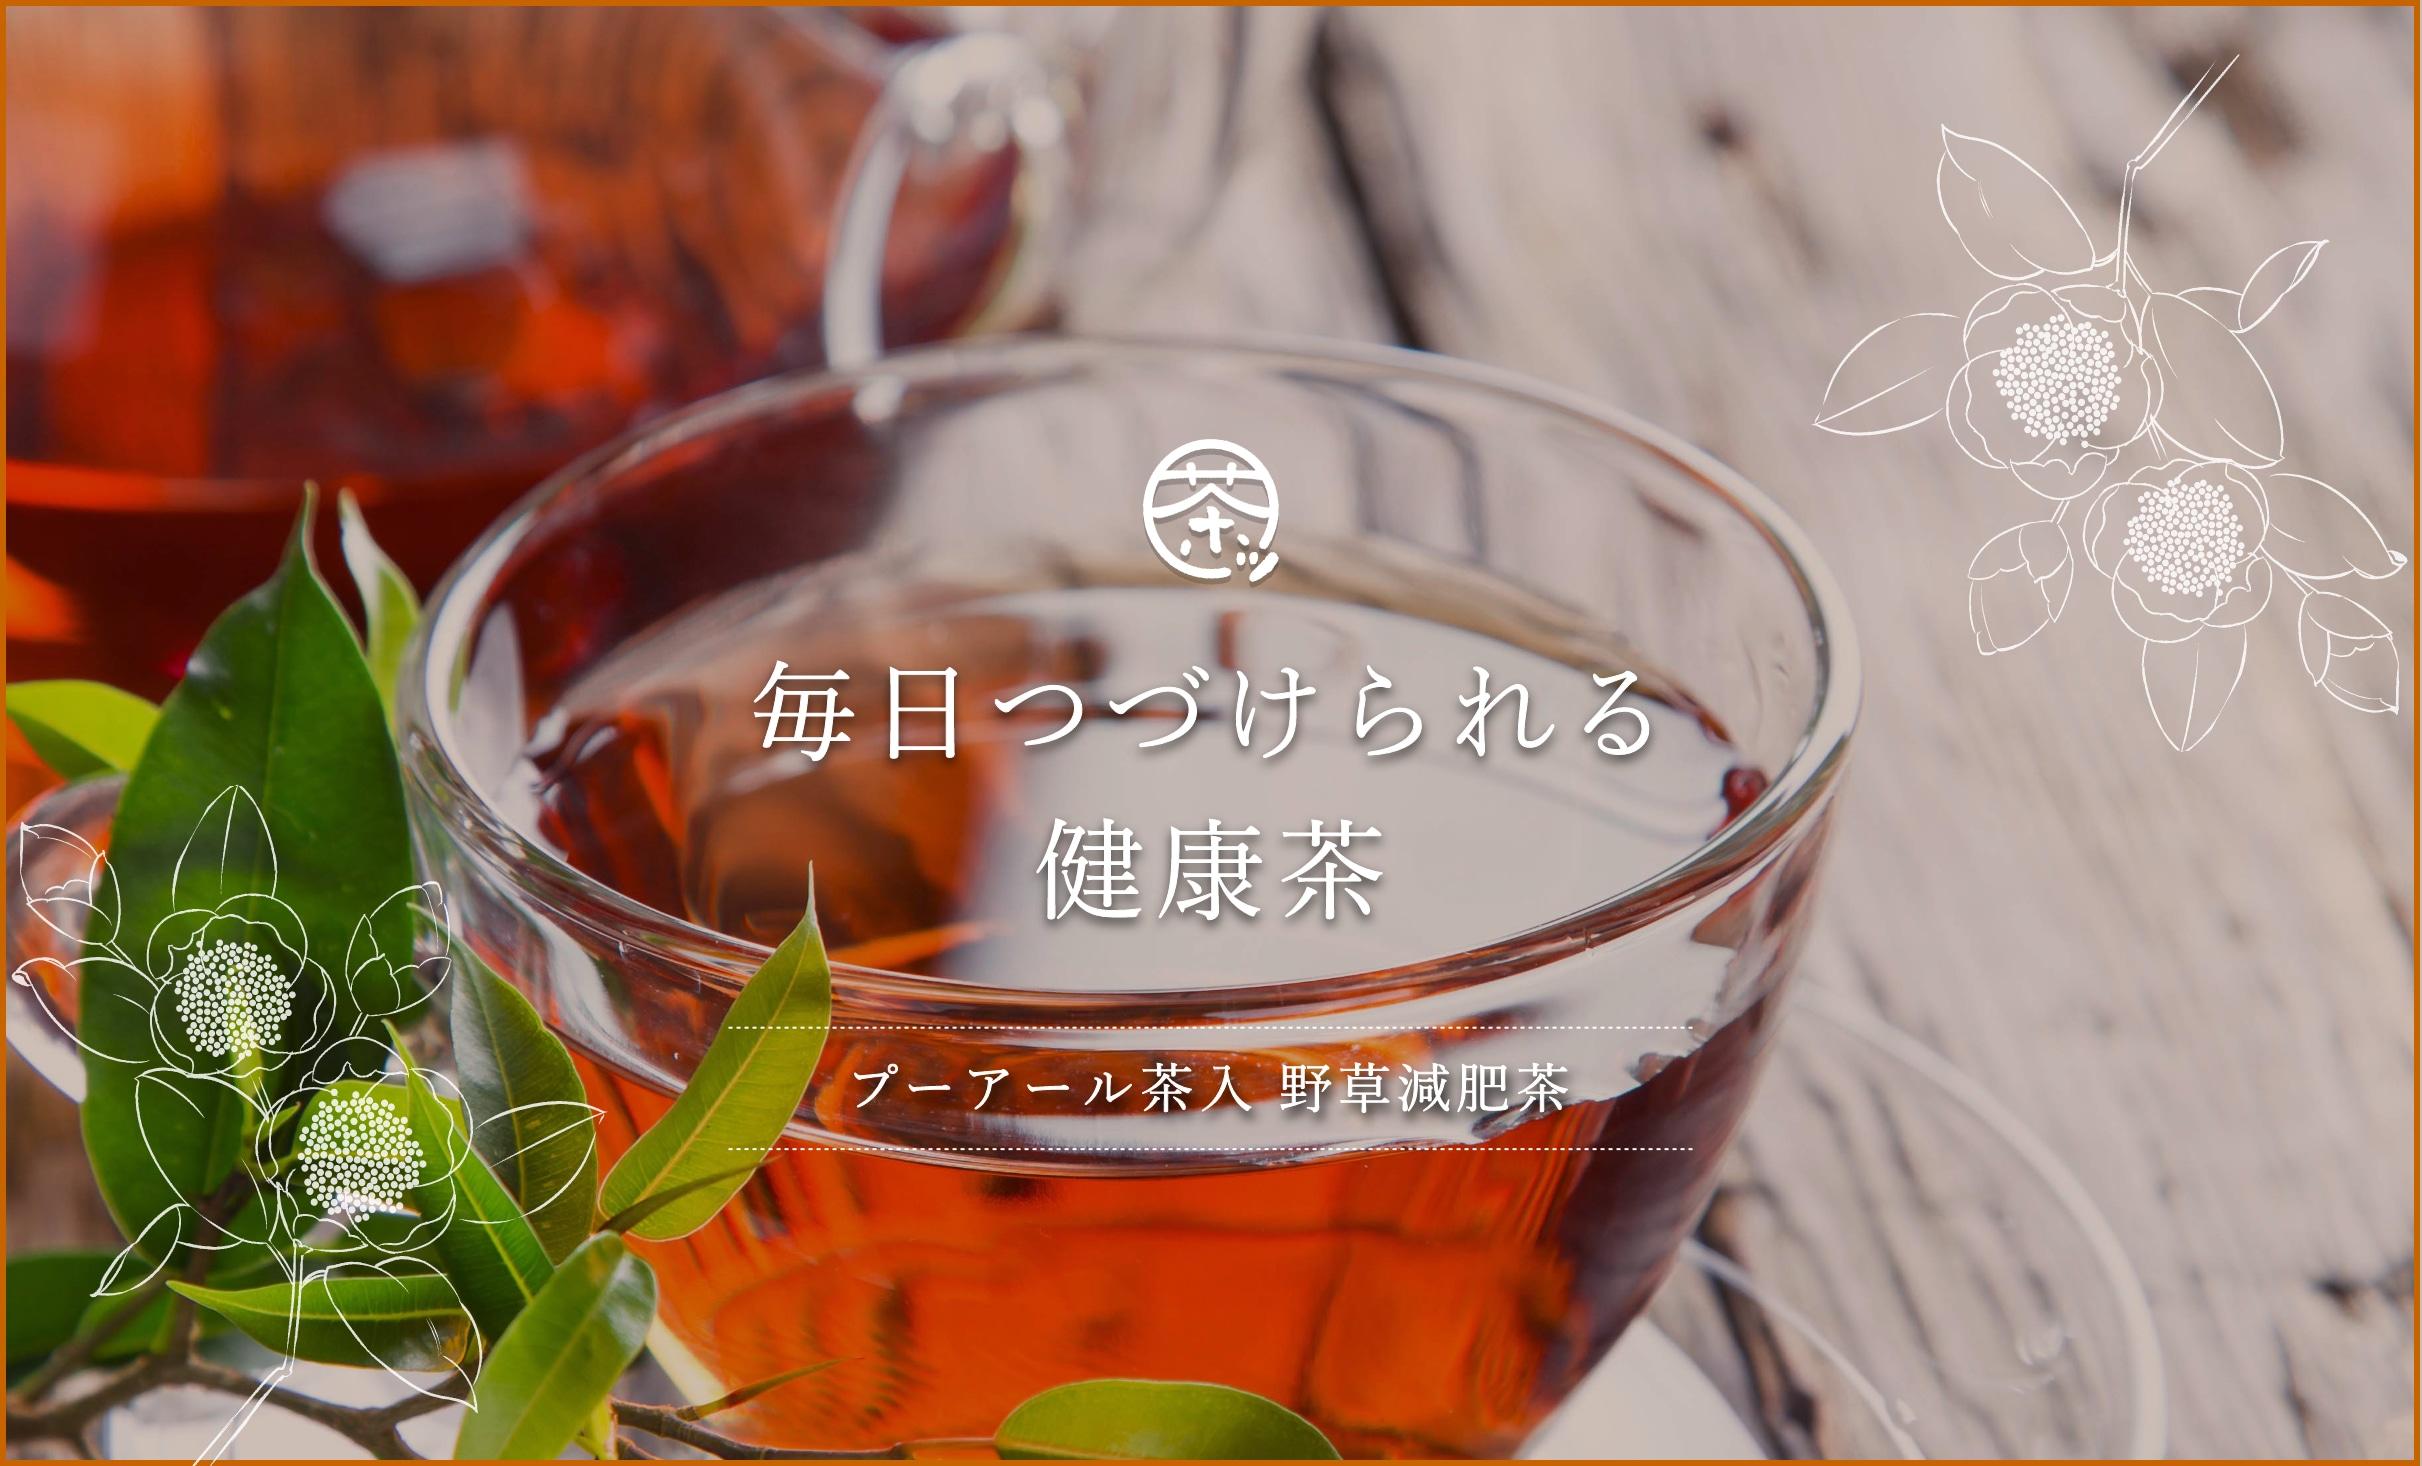 毎日つづけられる健康茶 プーアール茶入 野草減肥茶